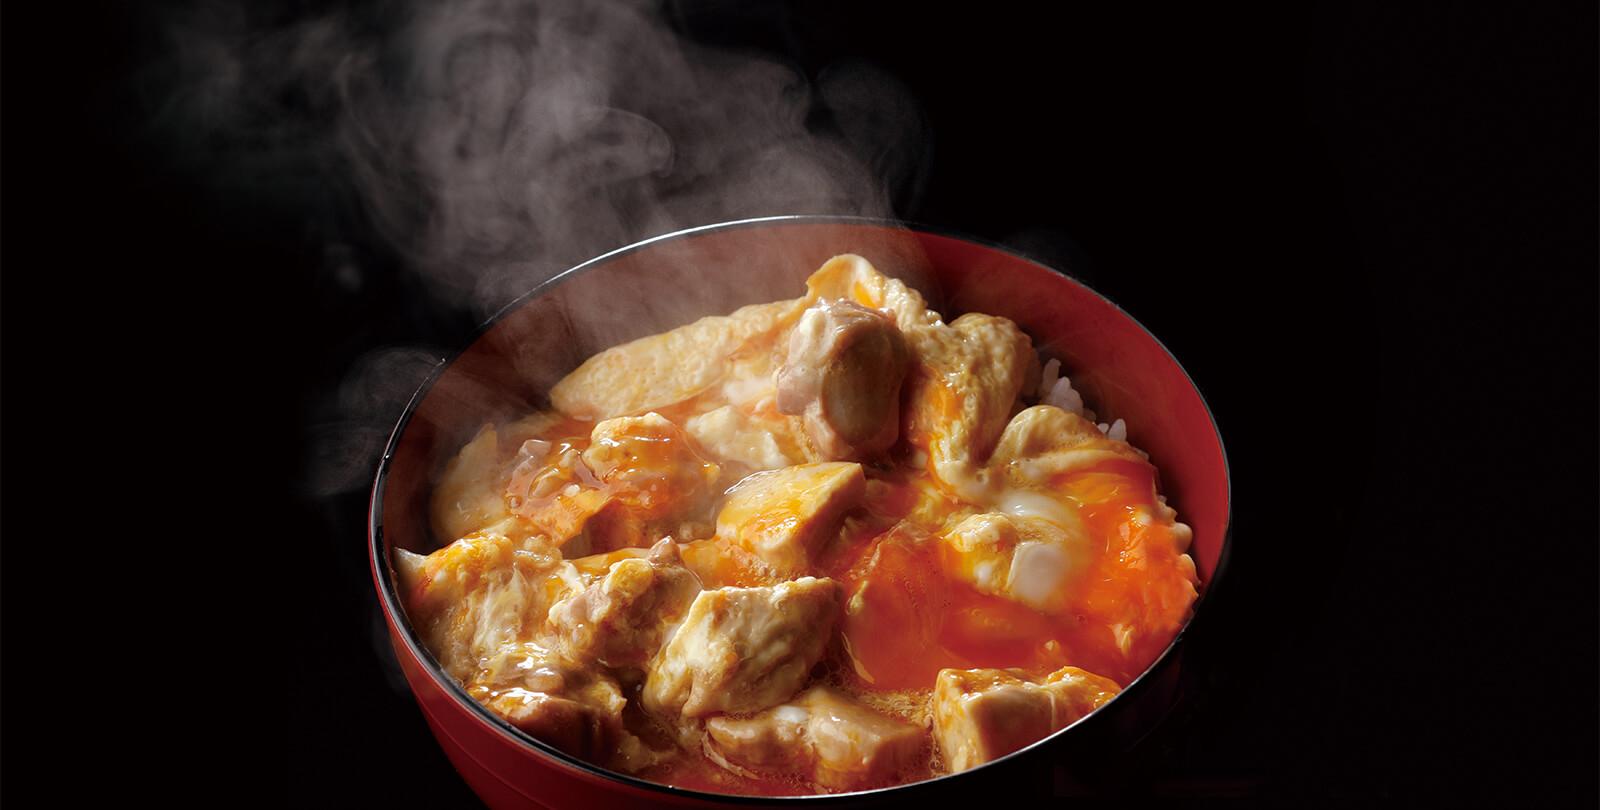 ランチ限定「鳥取地鶏親子丼」ご提供開始